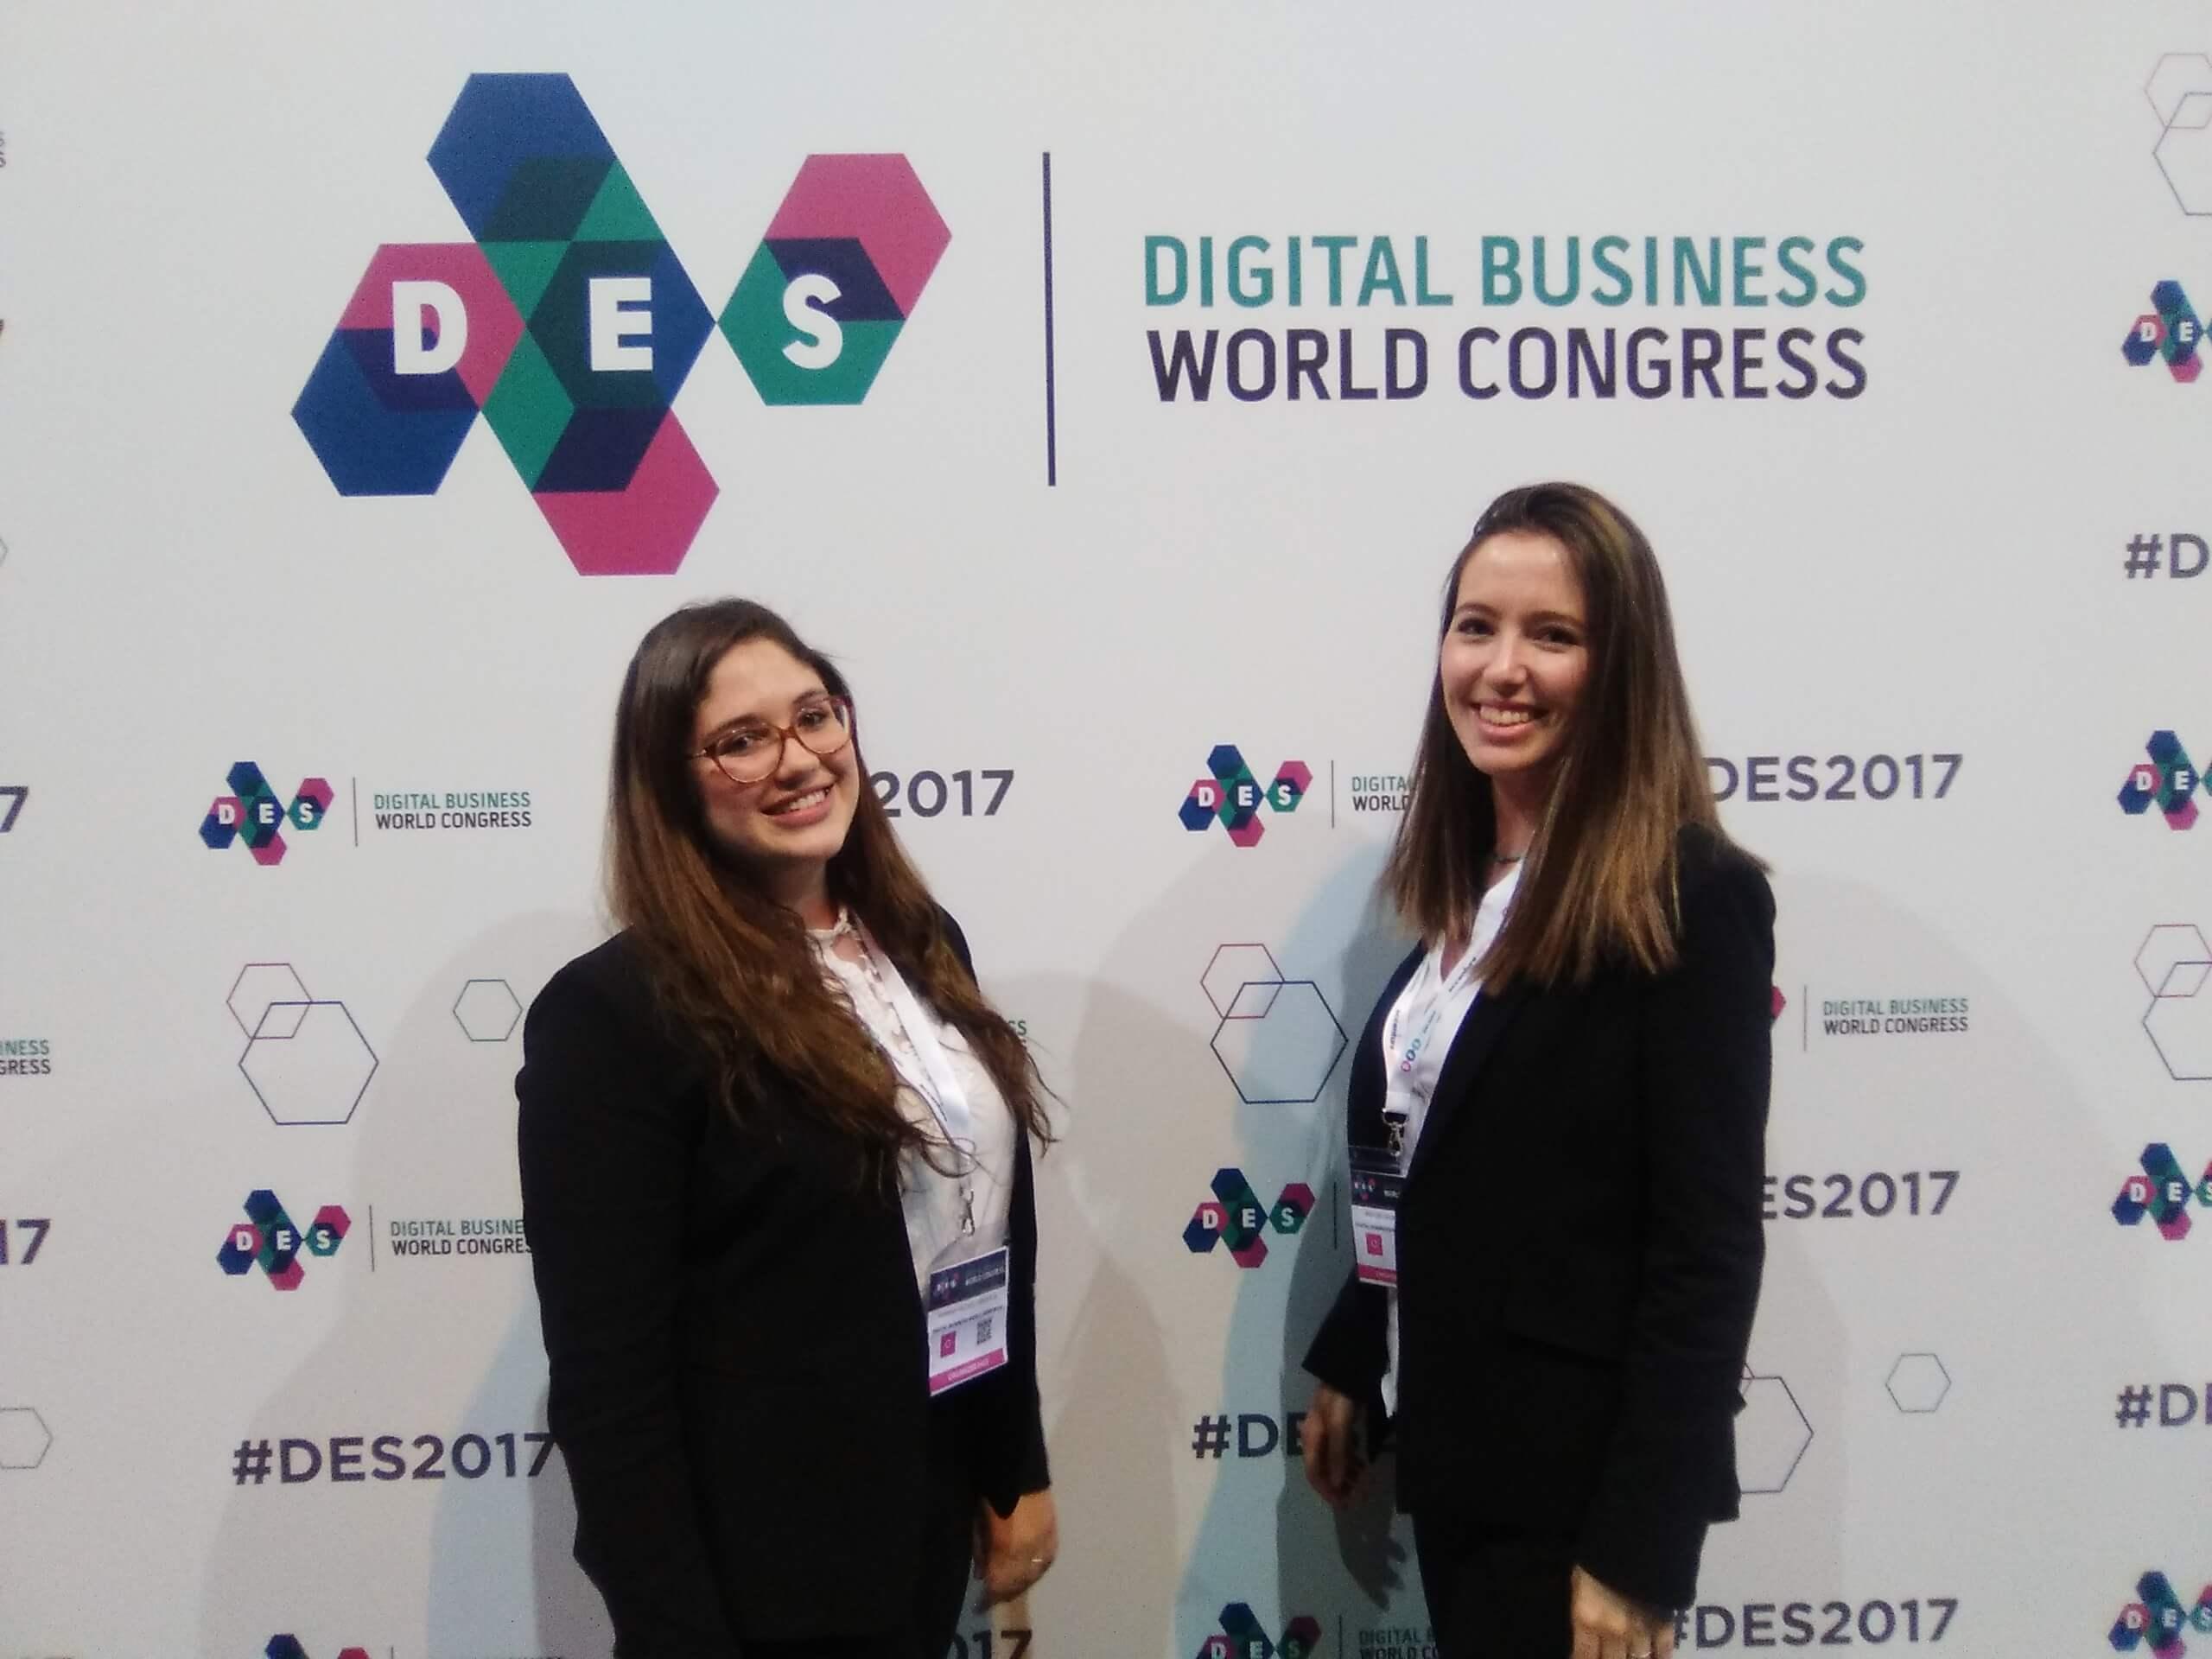 prácticas MBA en el digital business world congress